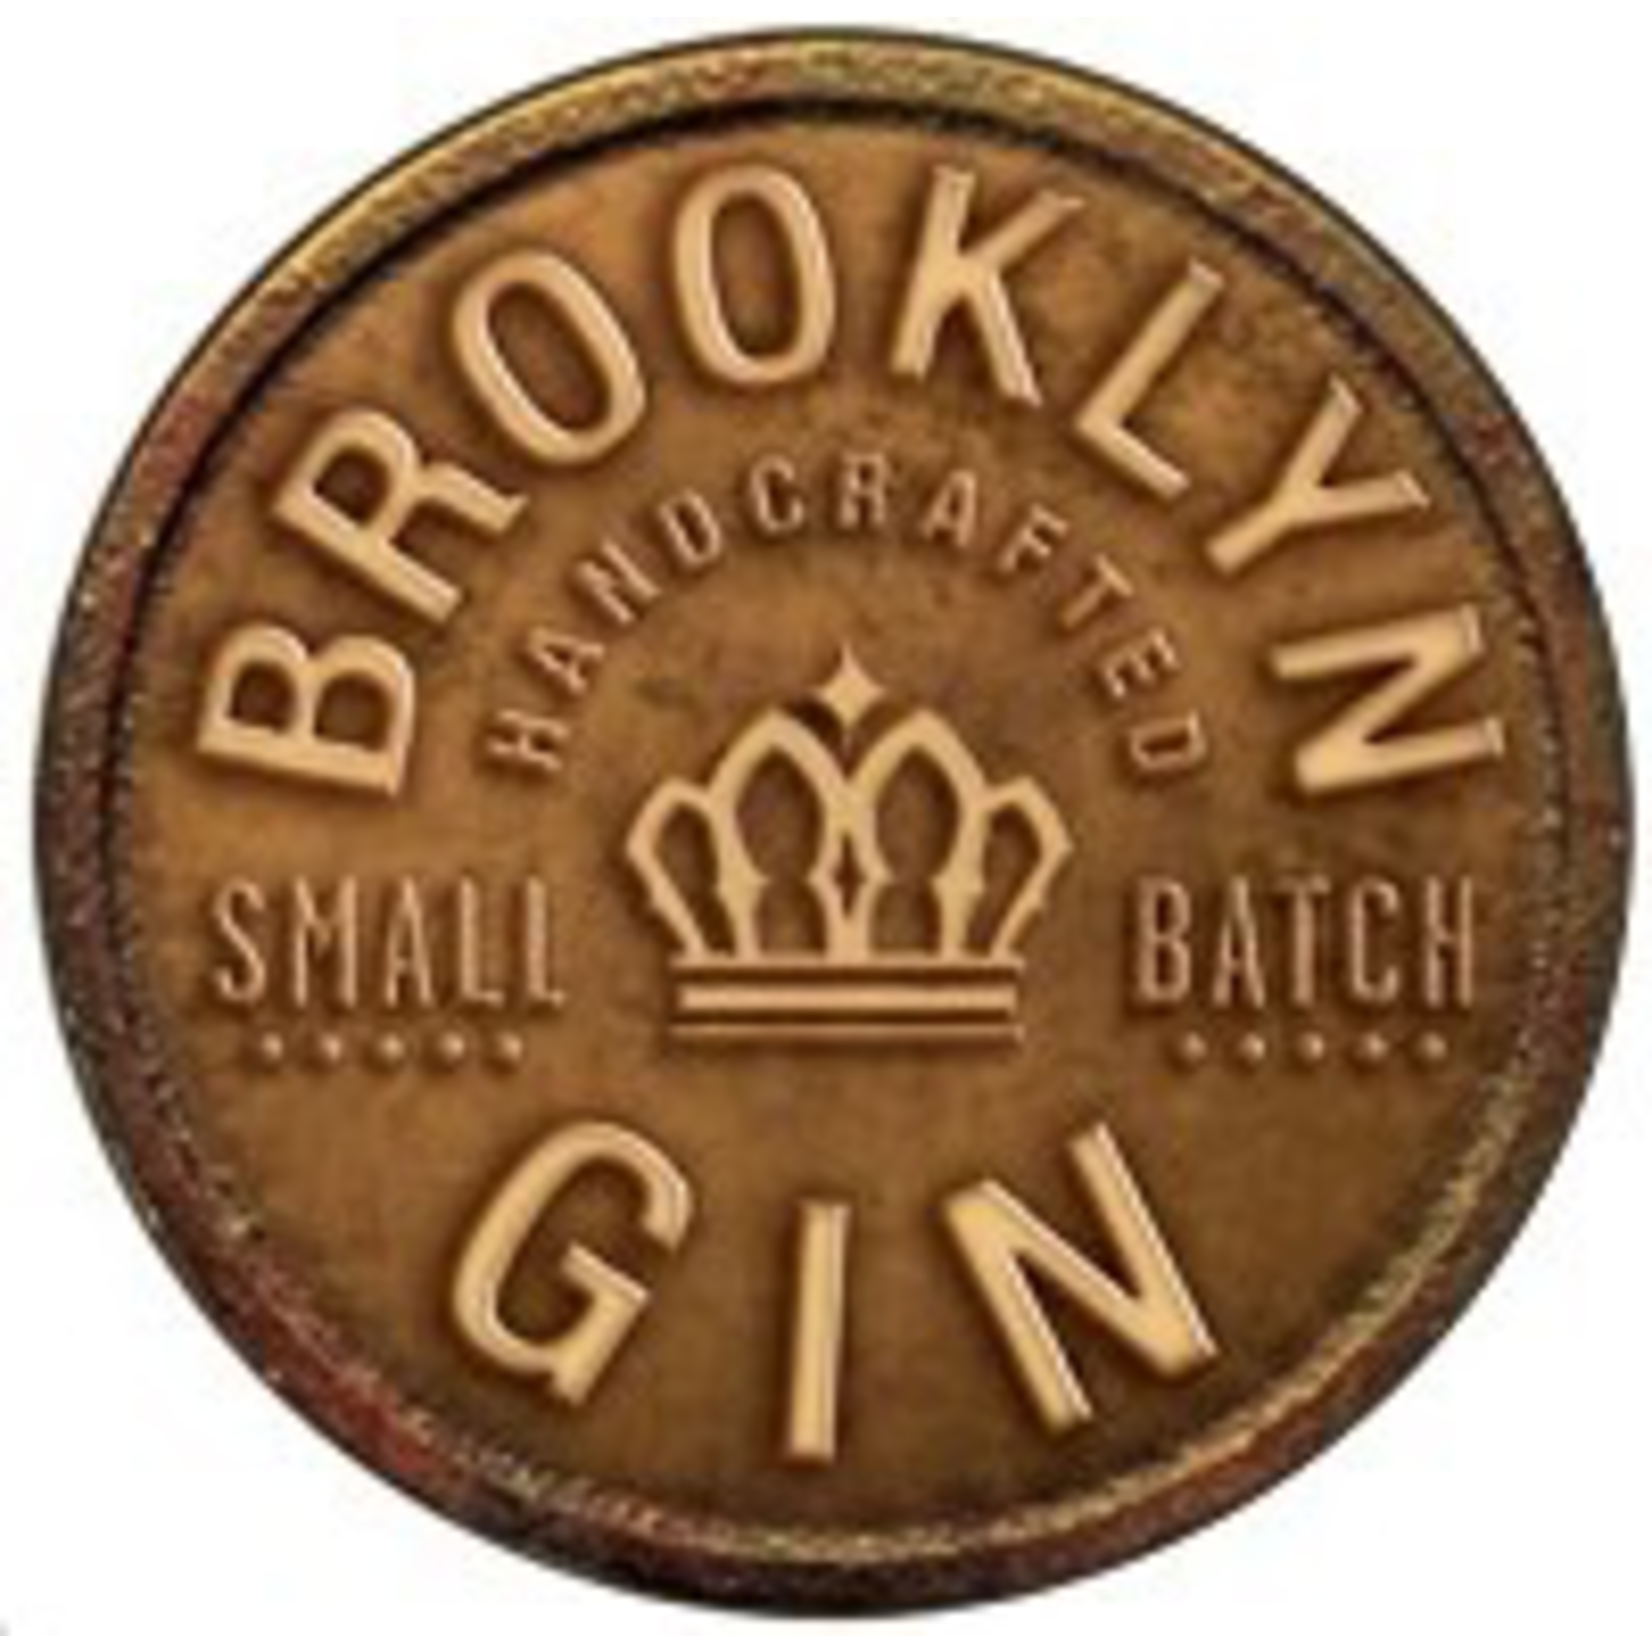 Spirits Brooklyn Gin Small Batch